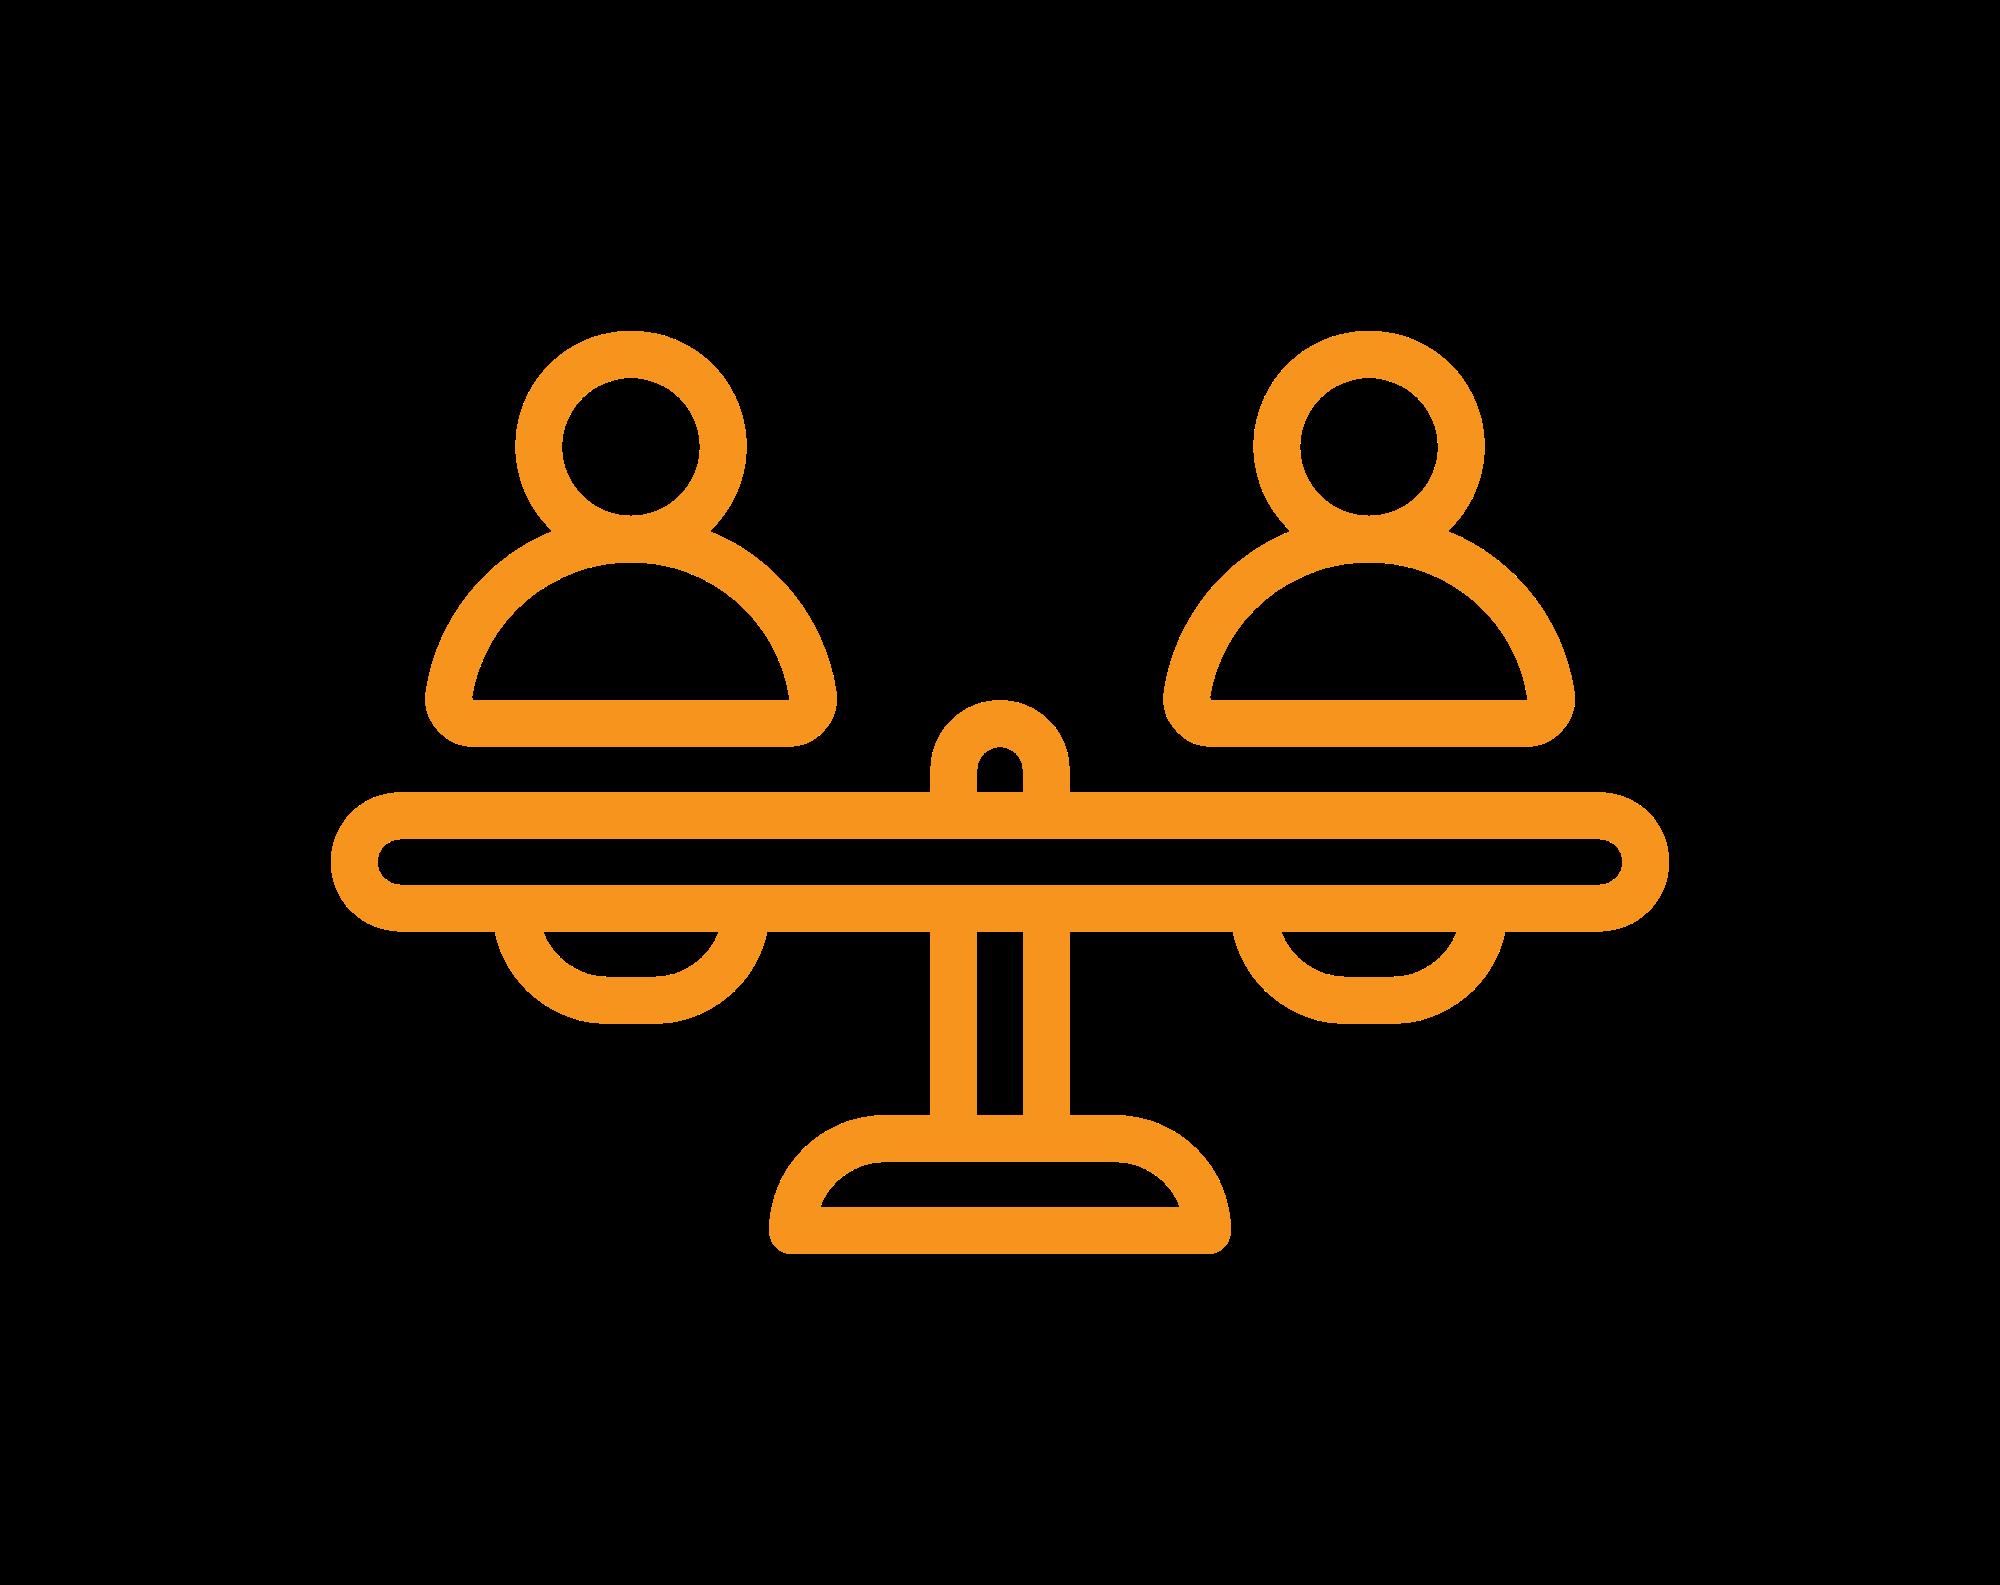 logo (54).png